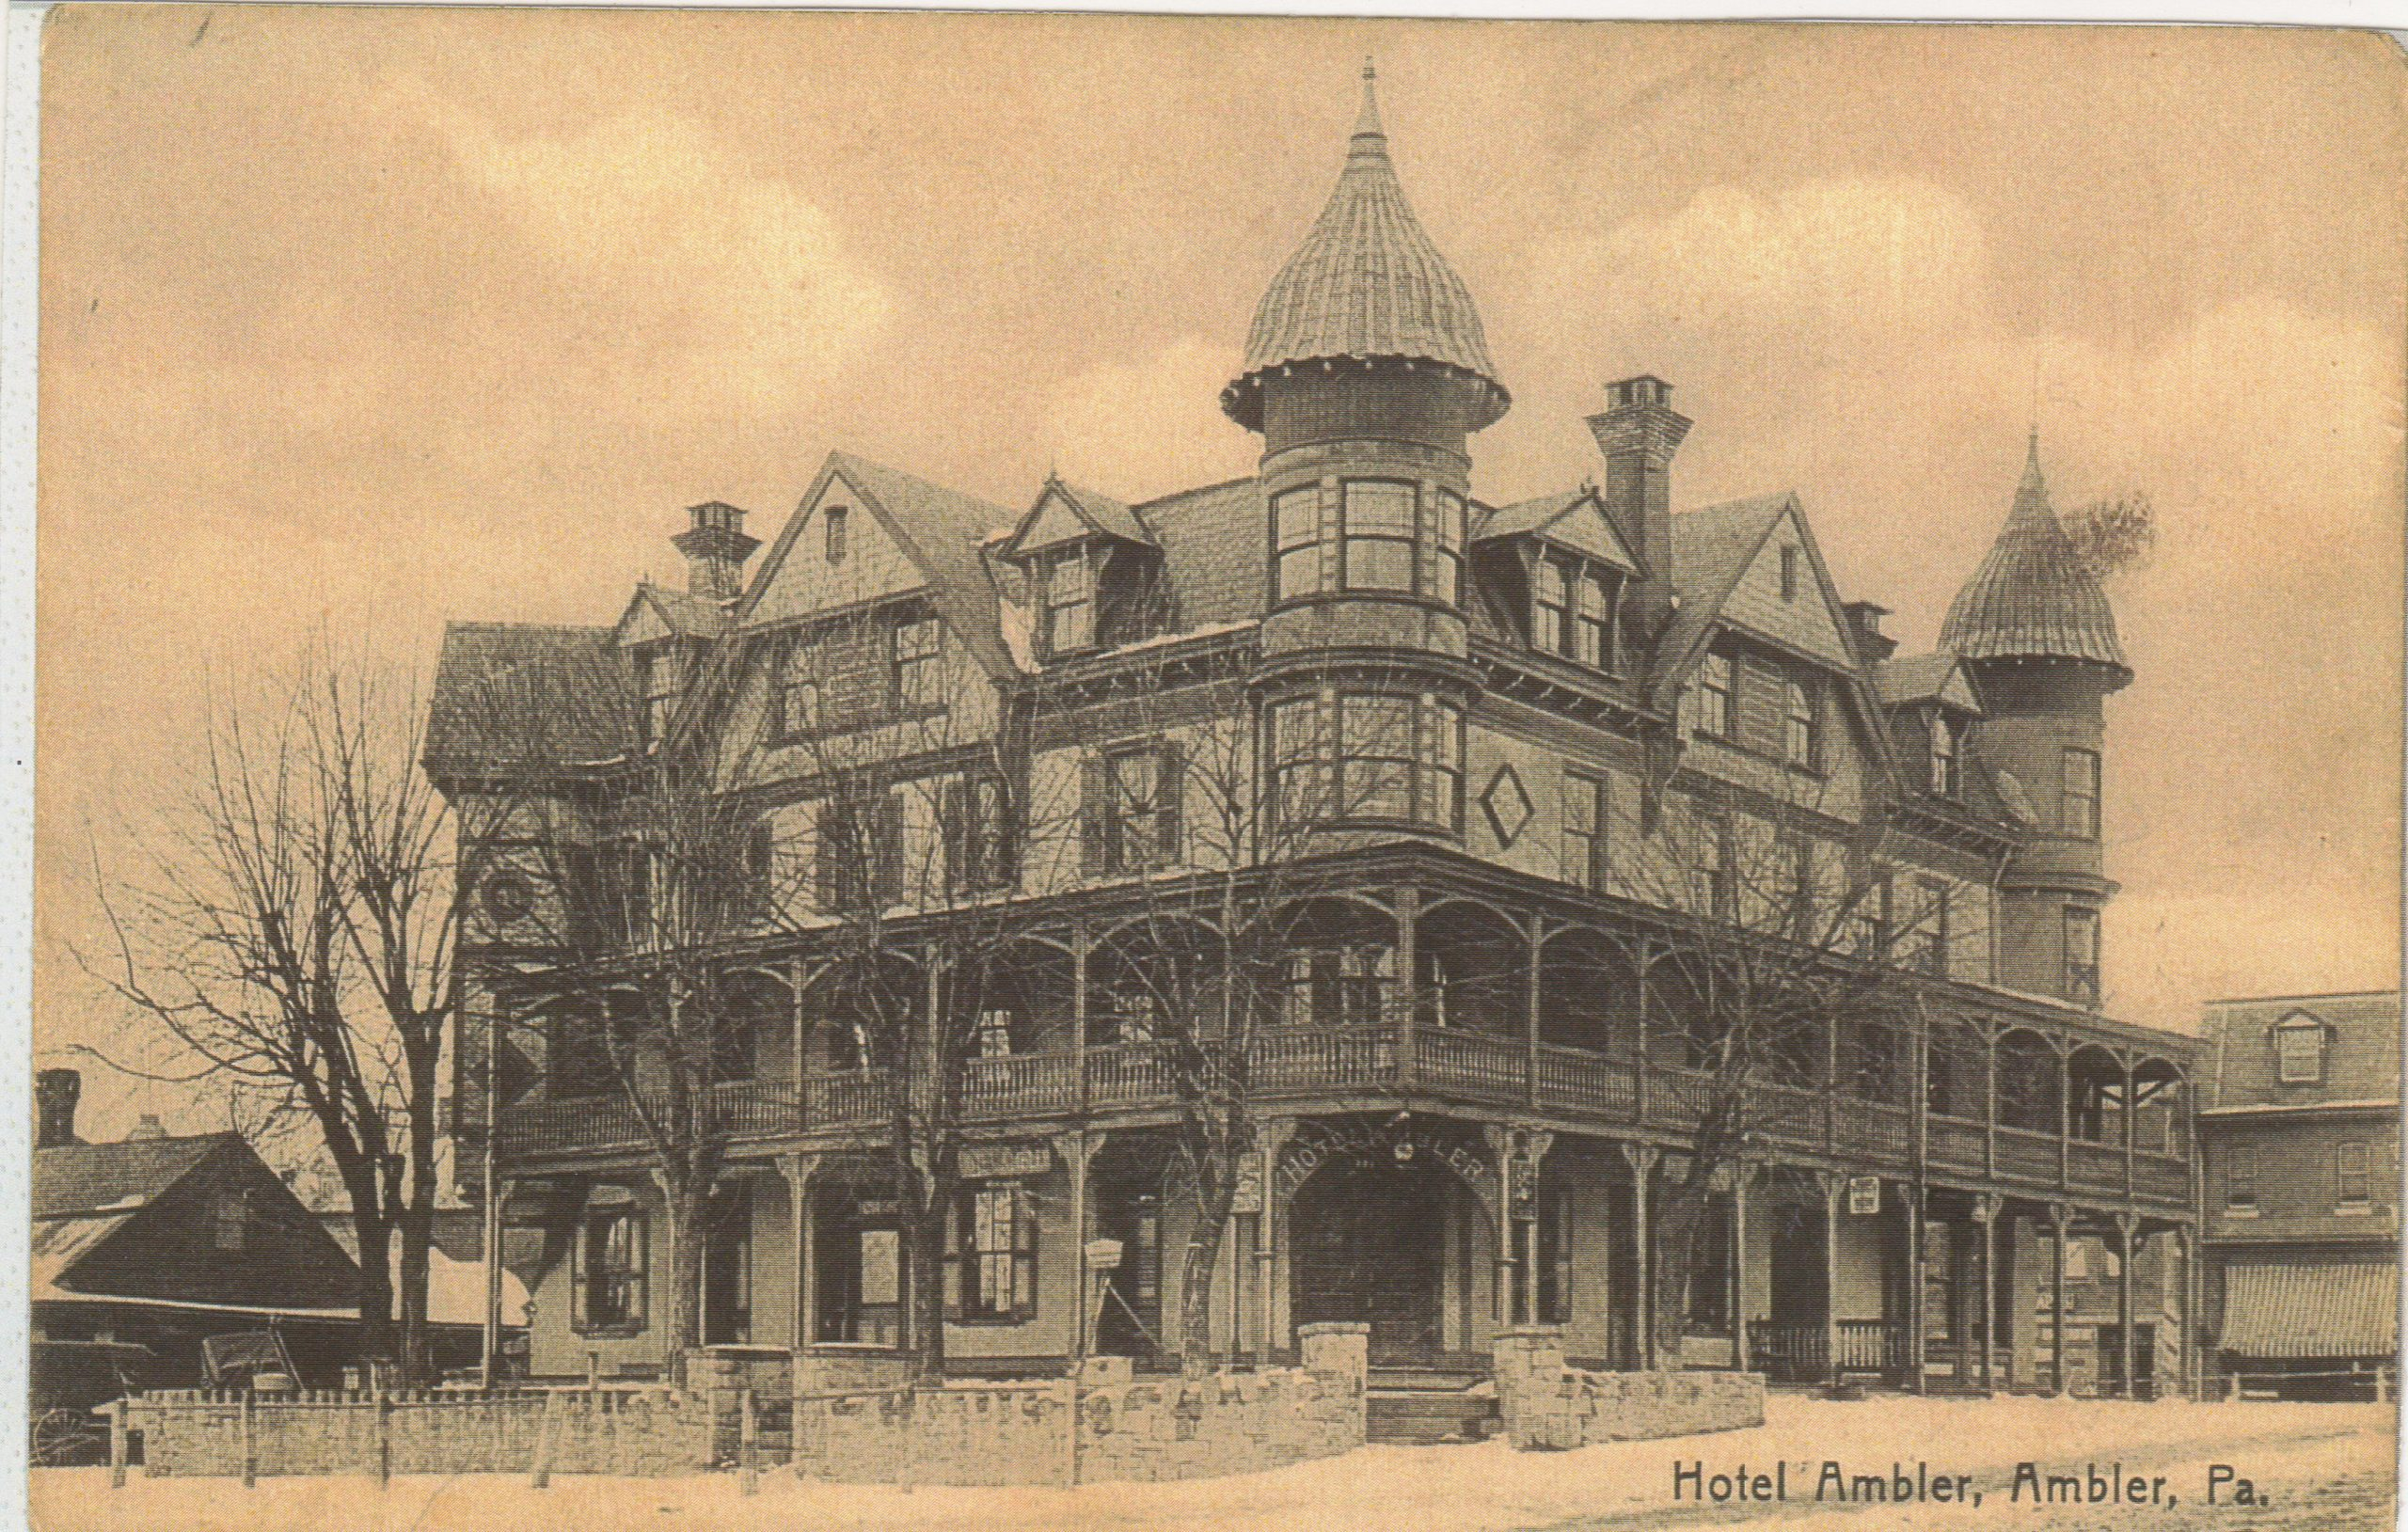 4125.51 Ambler Pa Postcard_Hotel Ambler (2)